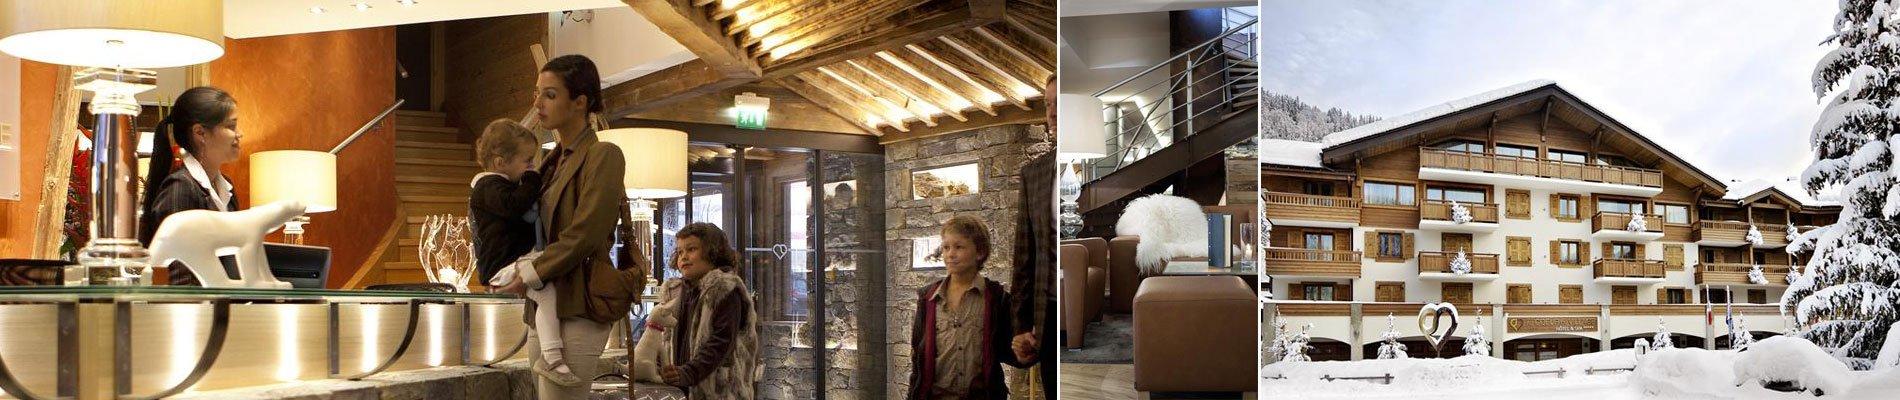 pvg-hotel-au-coeur-du-village-la-clusaz-aravis-